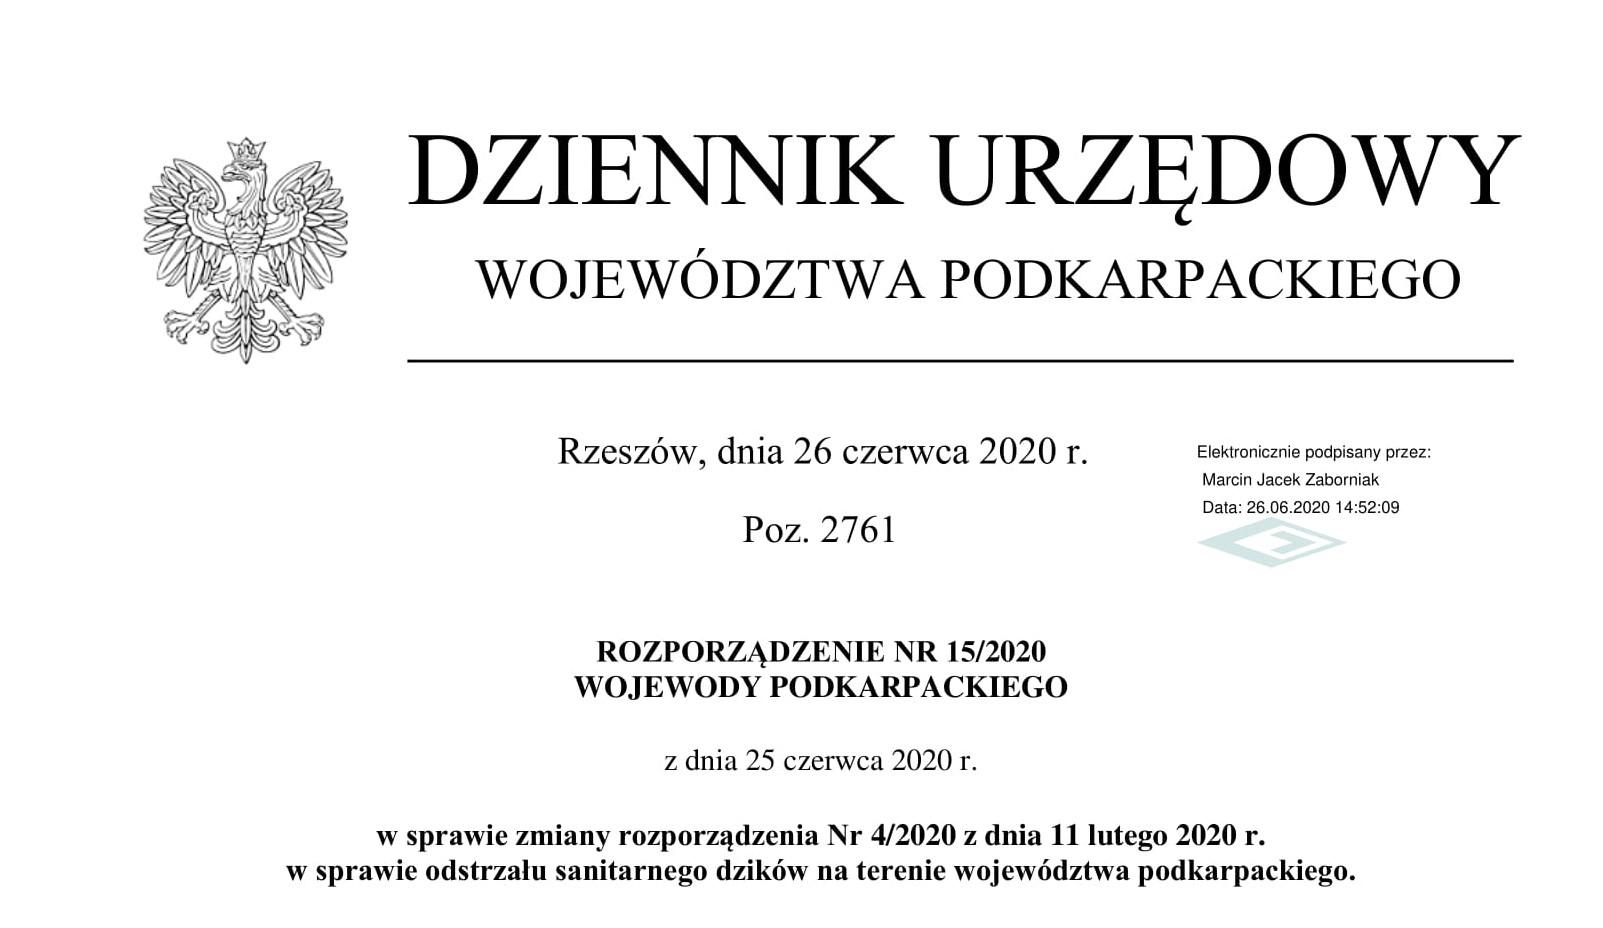 ROZPORZĄDZENIE NR 15/2020 WOJEWODY PODKARPACKIEGO z dnia 25 czerwca 2020 r. w sprawie zmiany rozporządzenia Nr 4/2020 z dnia 11 lutego 2020 r. w sprawie odstrzału sanitarnego dzików na terenie województwa podkarpackiego.